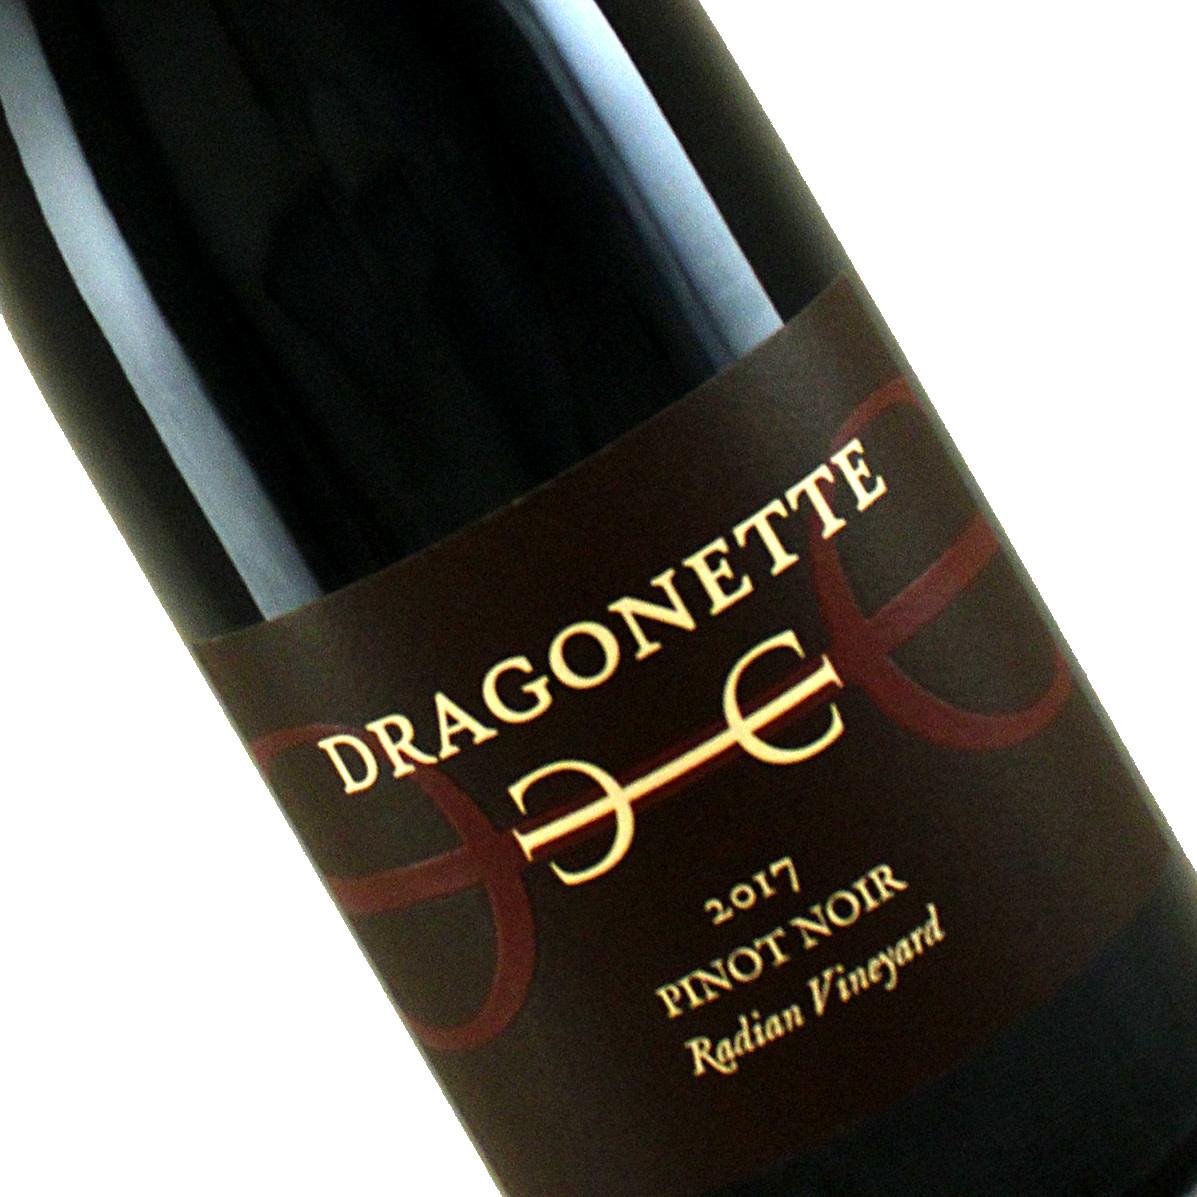 Dragonette Cellars 2017 Pinot Noir Radian Vineyard, Sta. Rita Hills